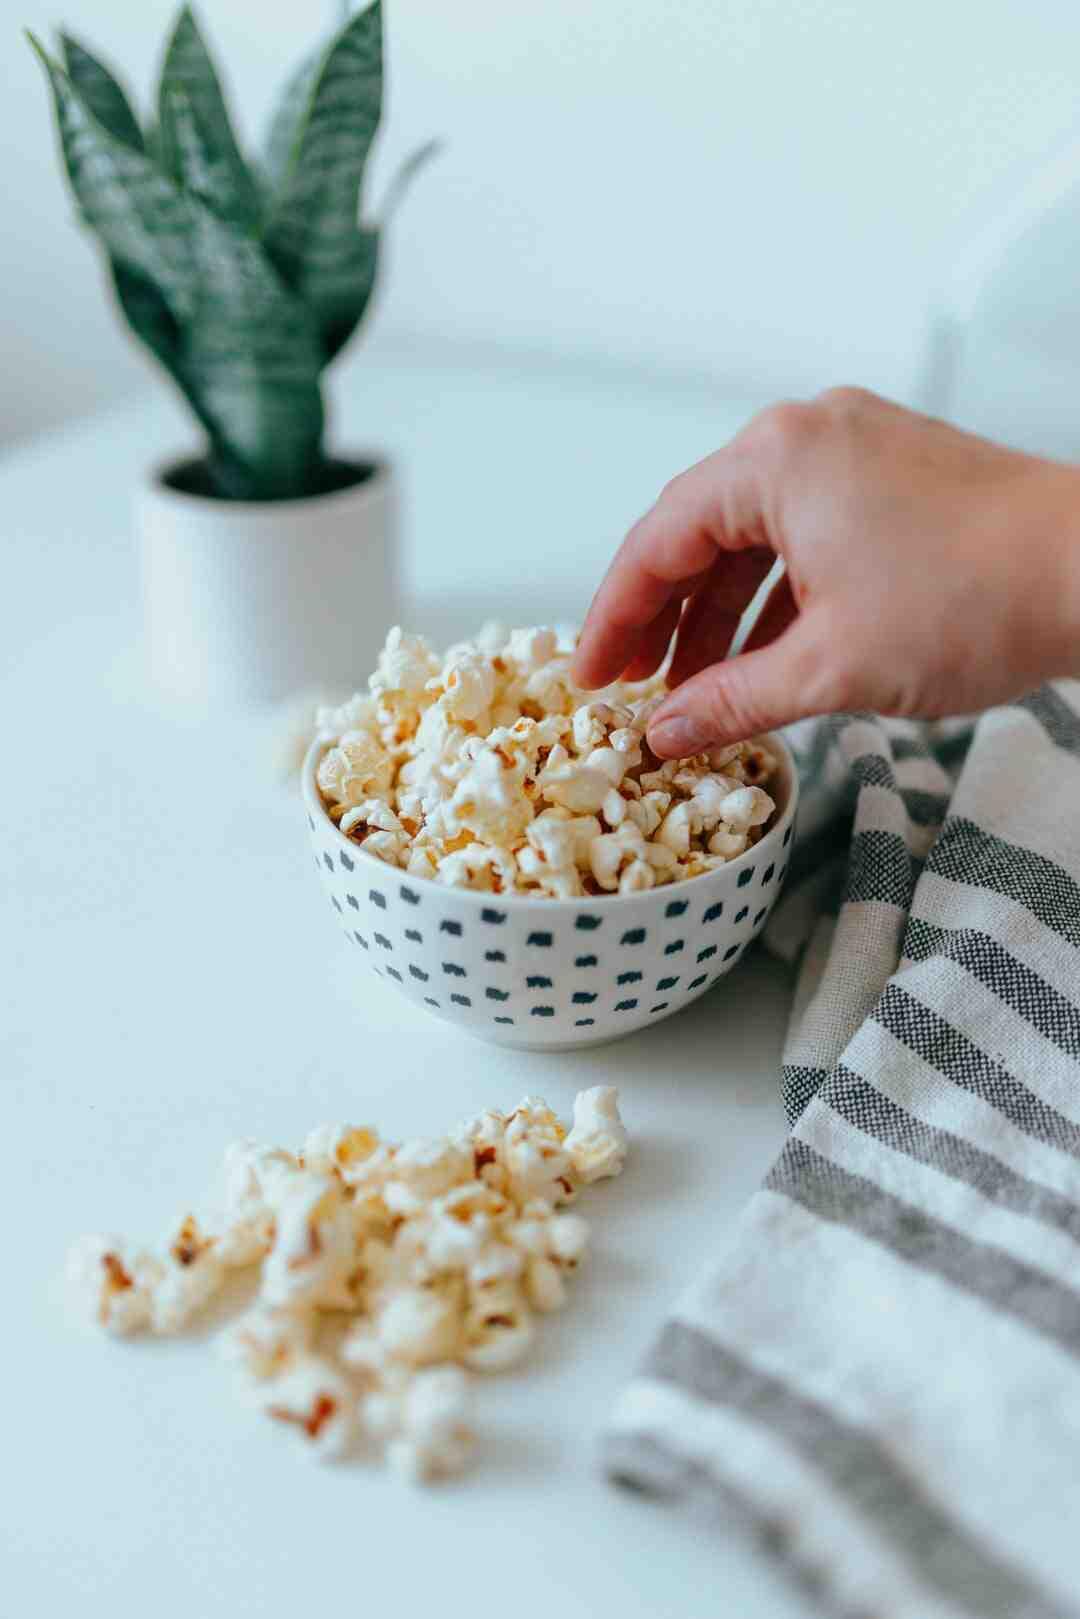 Comment faire des Pop-corn aromatisé ?